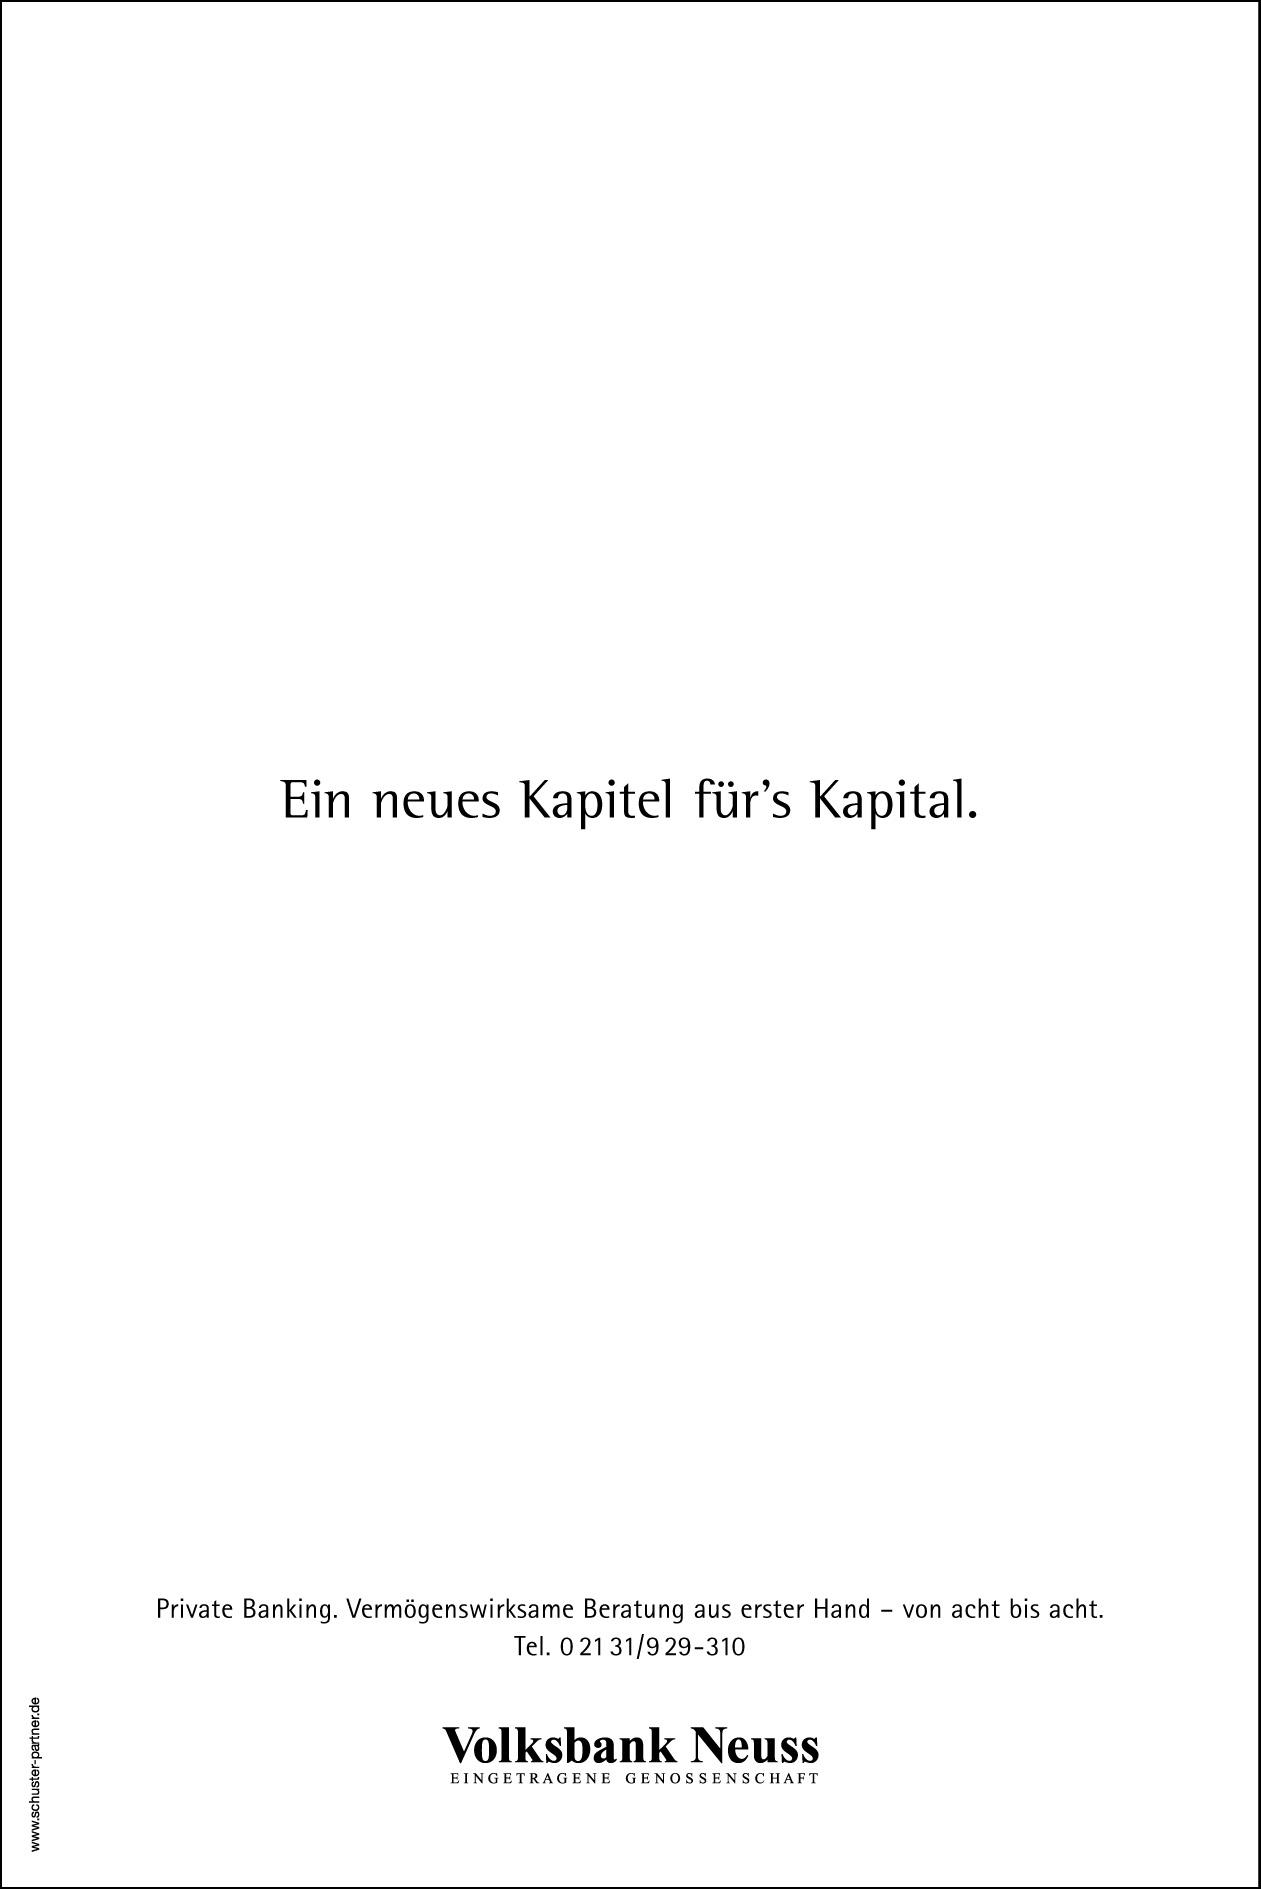 Volksbank Tageszeitungsanzeige: Textanzeige 4